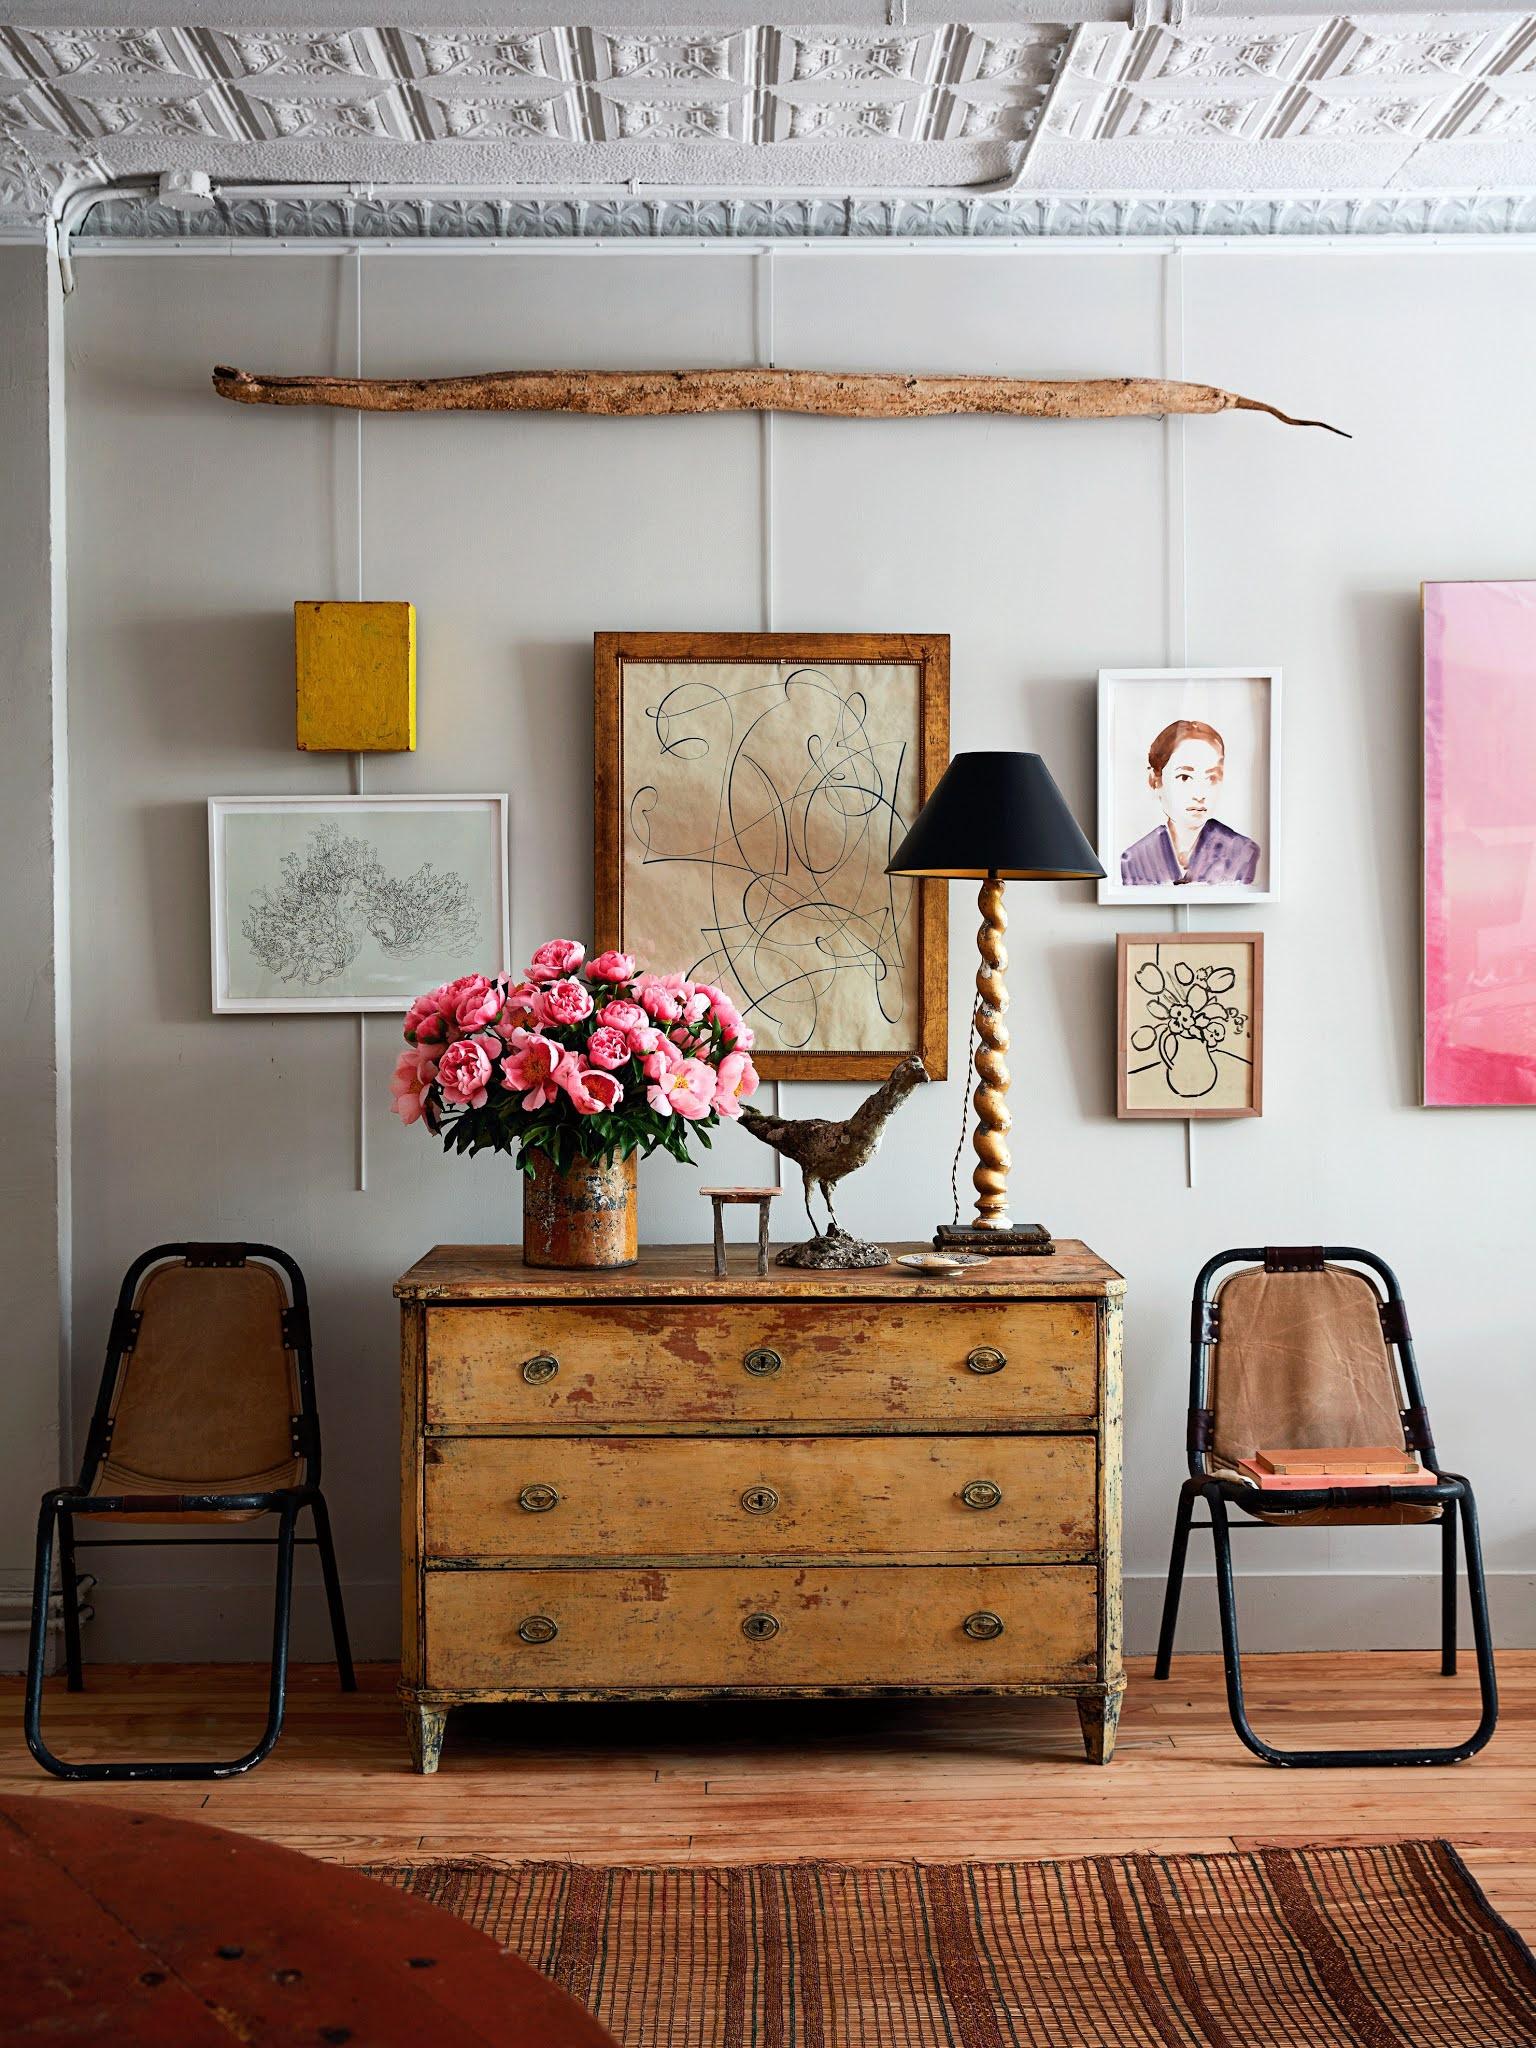 fran acciardo arch digest john derrian living room home tour interior design